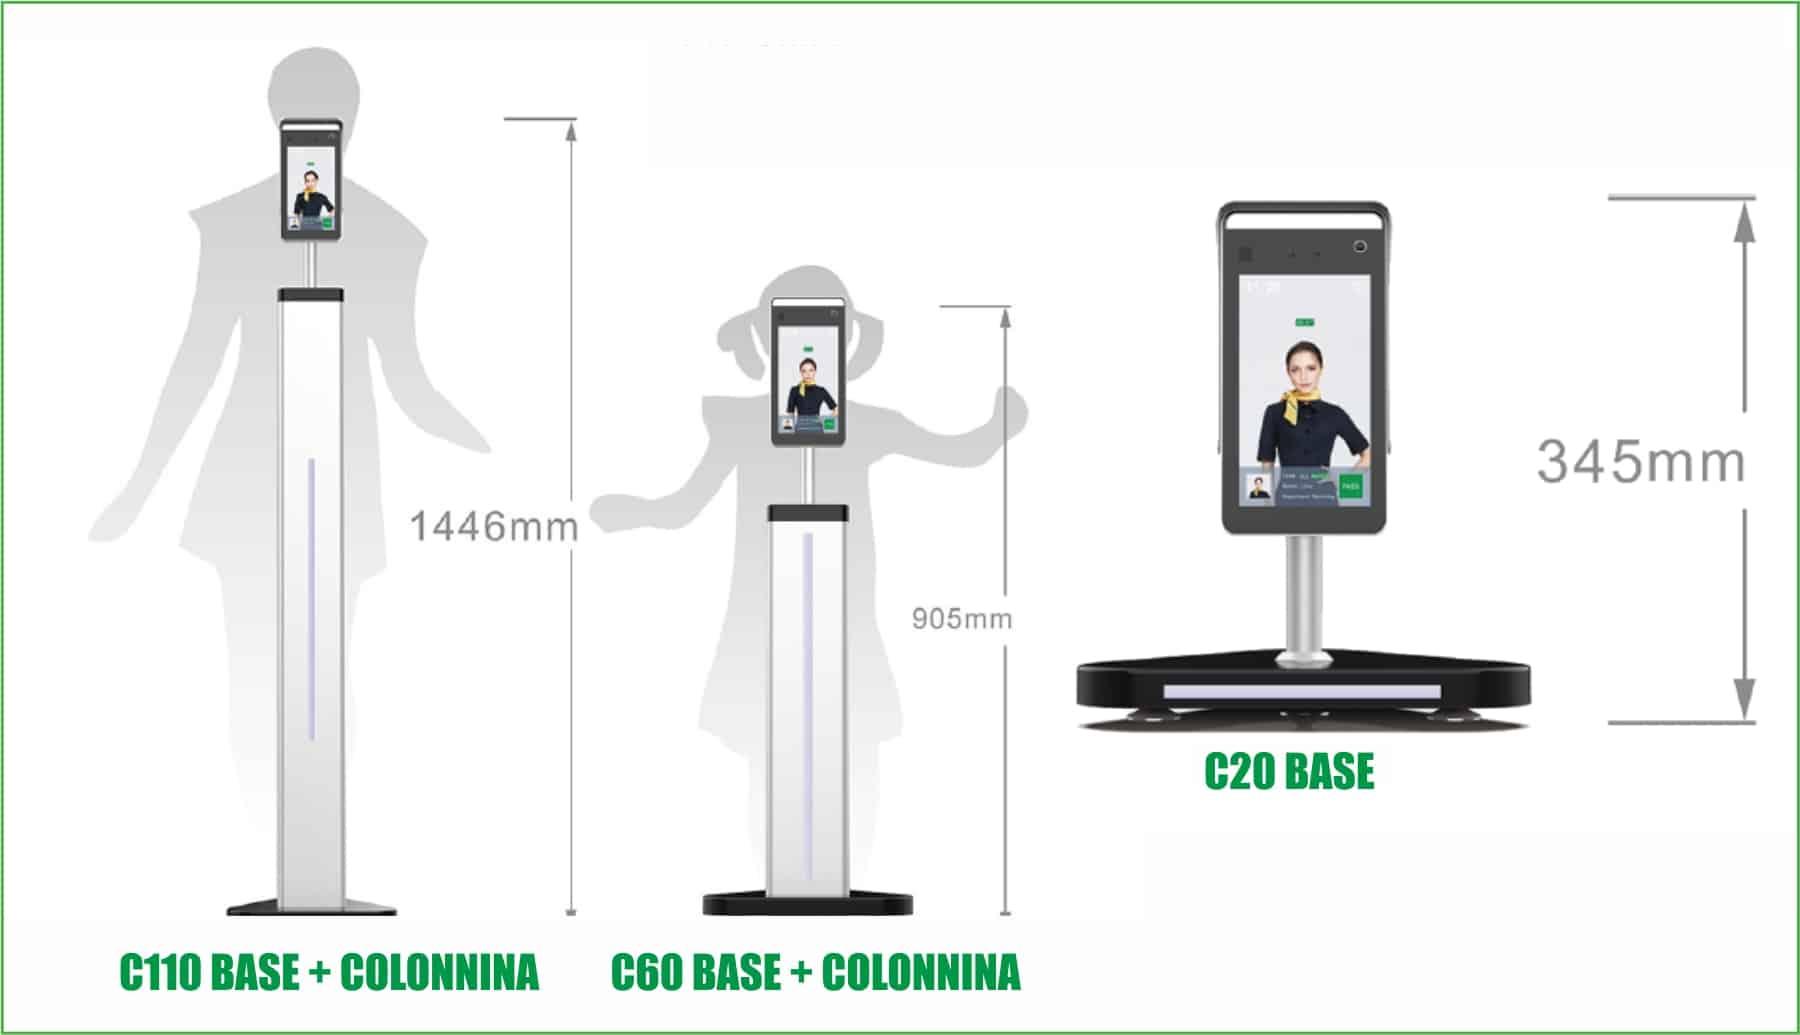 Covid-19 dispositivi di protezione | Elettrogruppo ZeroUno | Torino | tablet e supporto misura temperatura